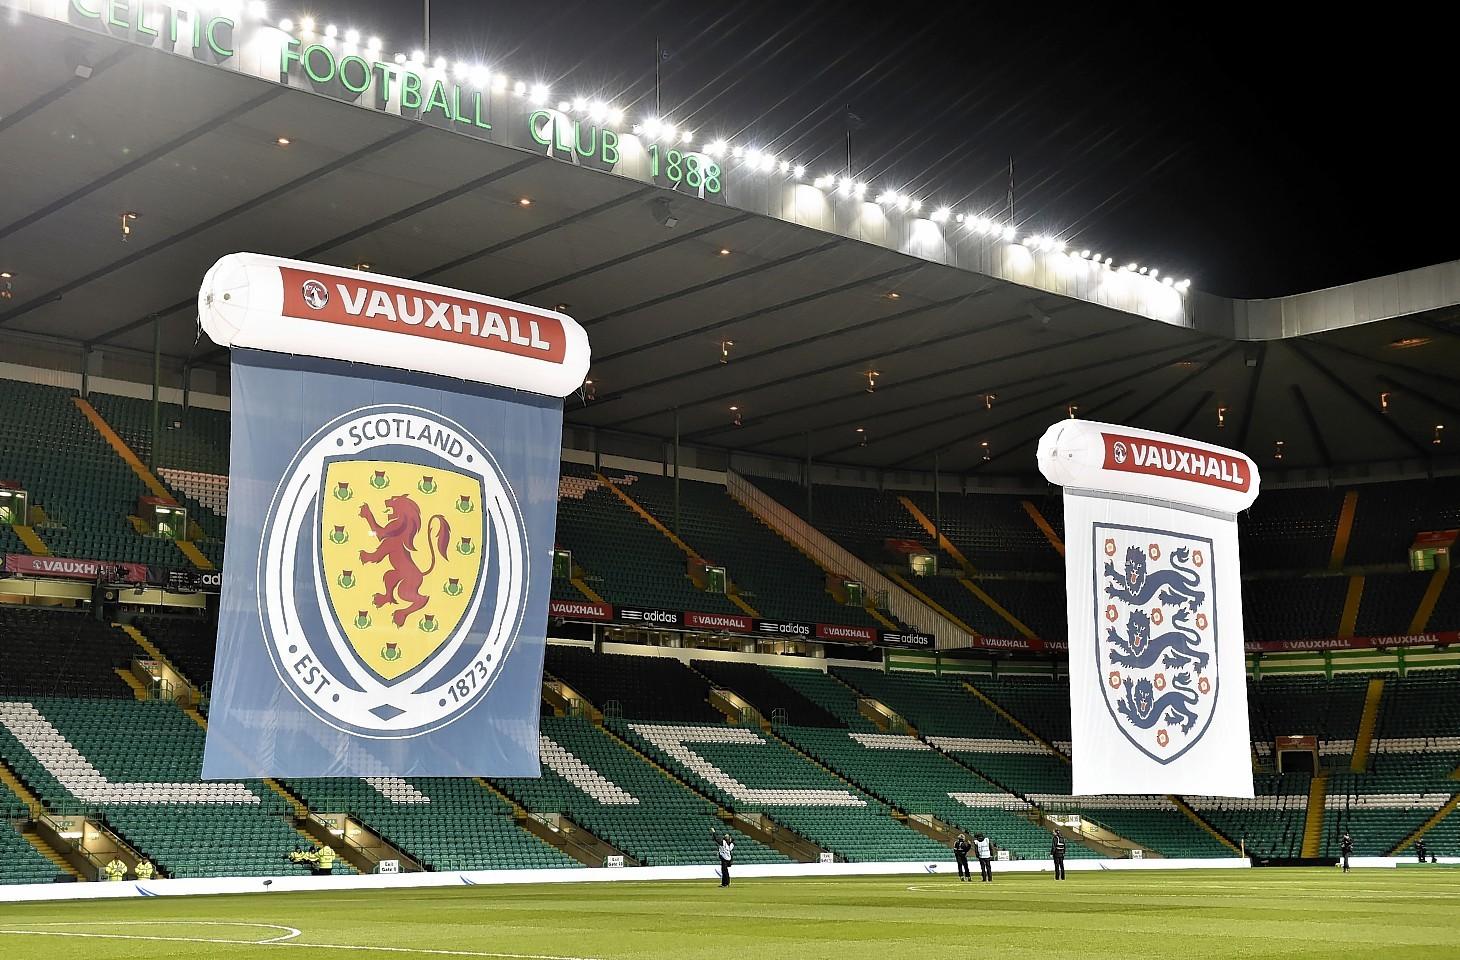 Scotland v England at Celtic Park